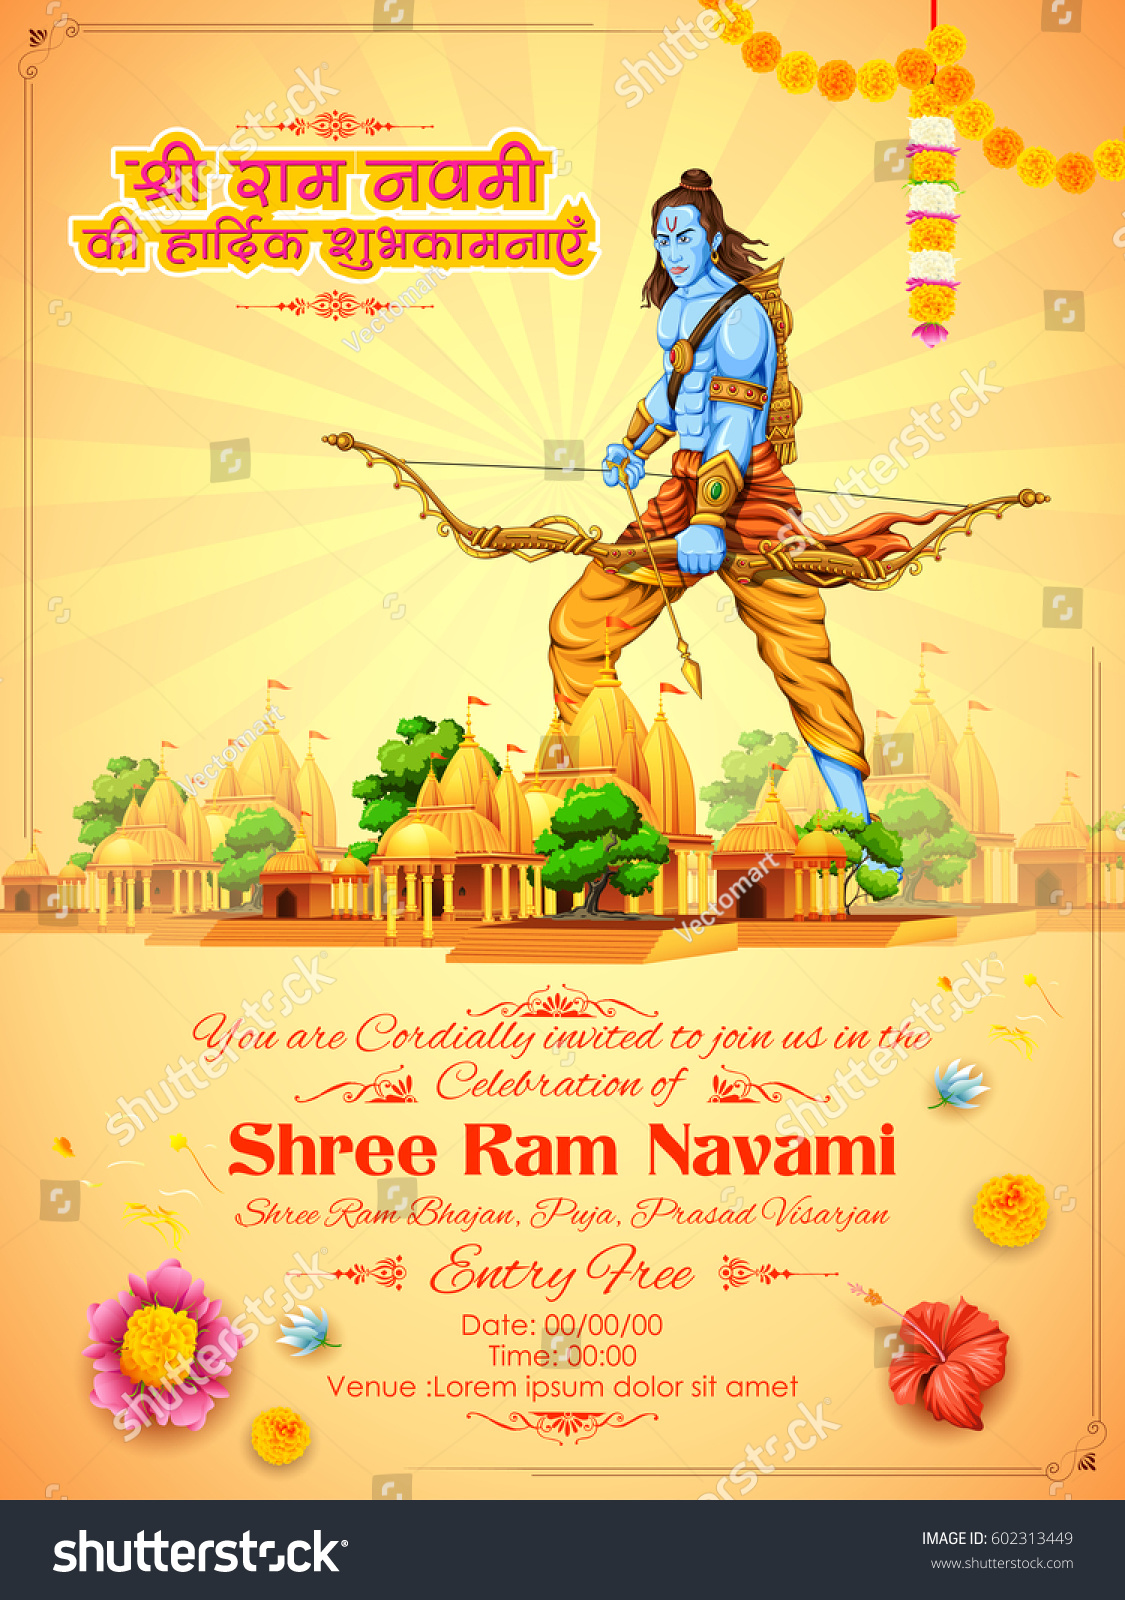 Illustration lord rama bow arrow hindi stock vector 602313449 illustration of lord rama with bow arrow with hindi text shri ram navami ki hardik shubhkamnaye stopboris Choice Image